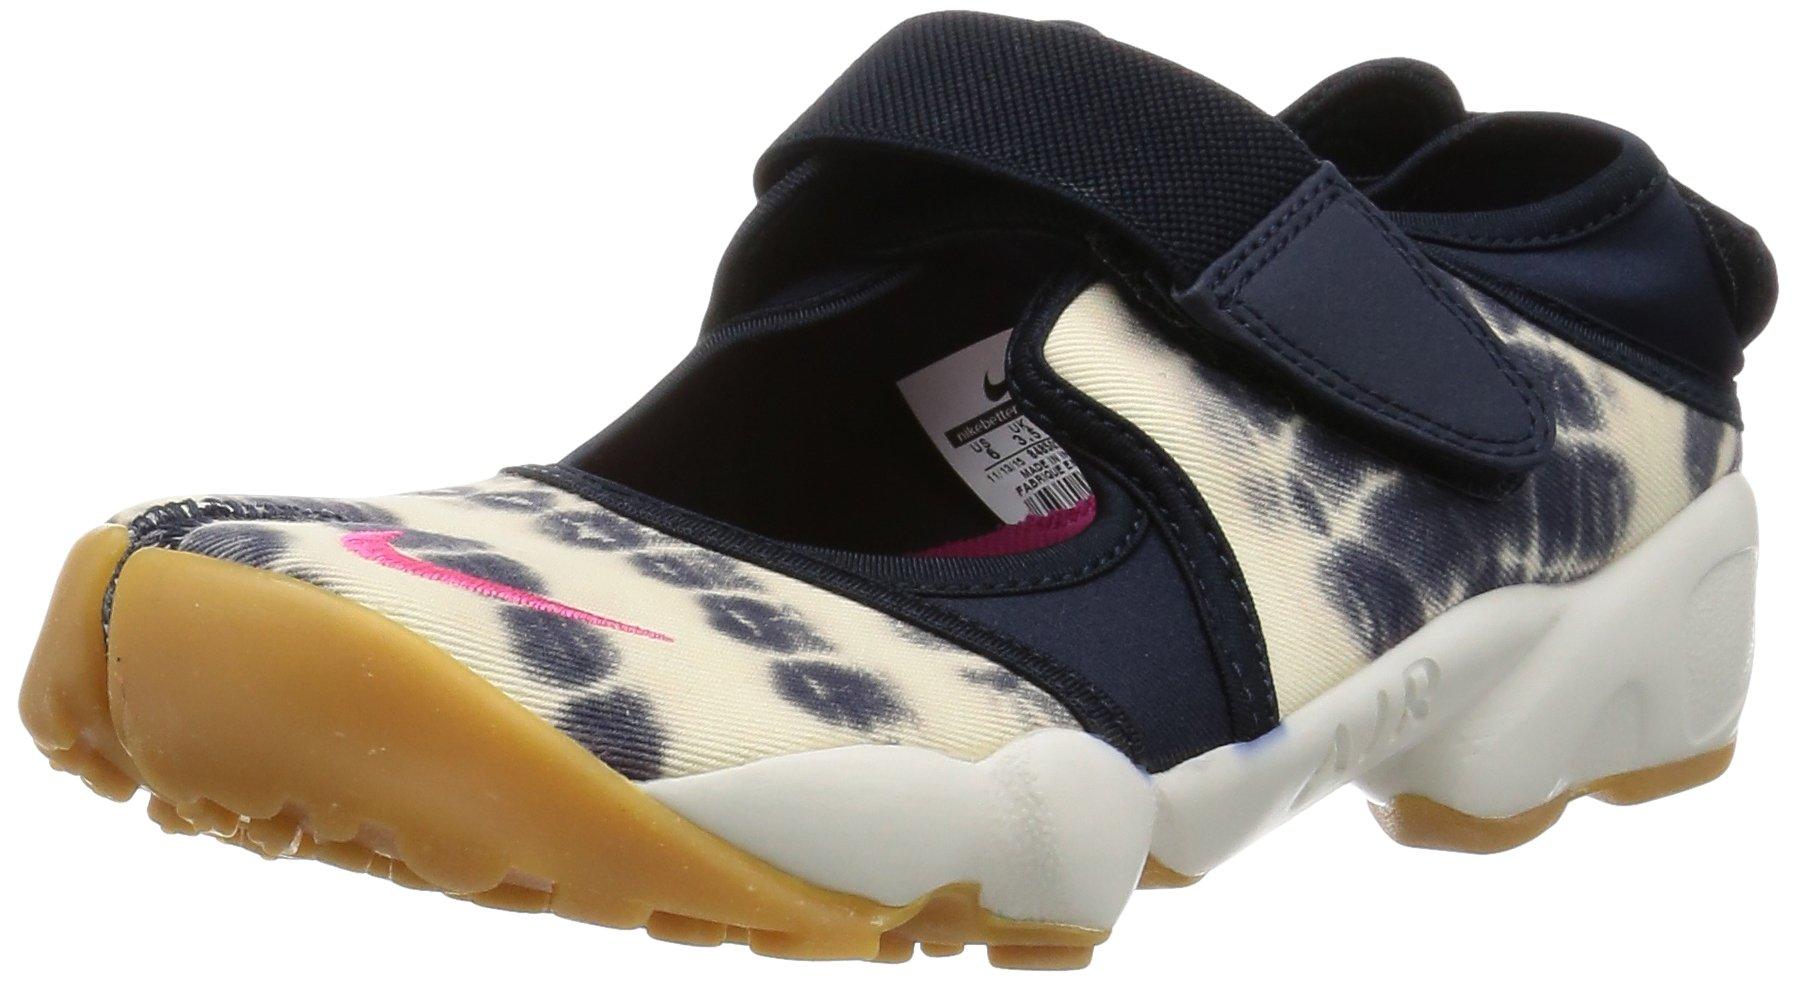 Nike Air Rift Prm Qs Womens Style: 848502-400 Size: 6